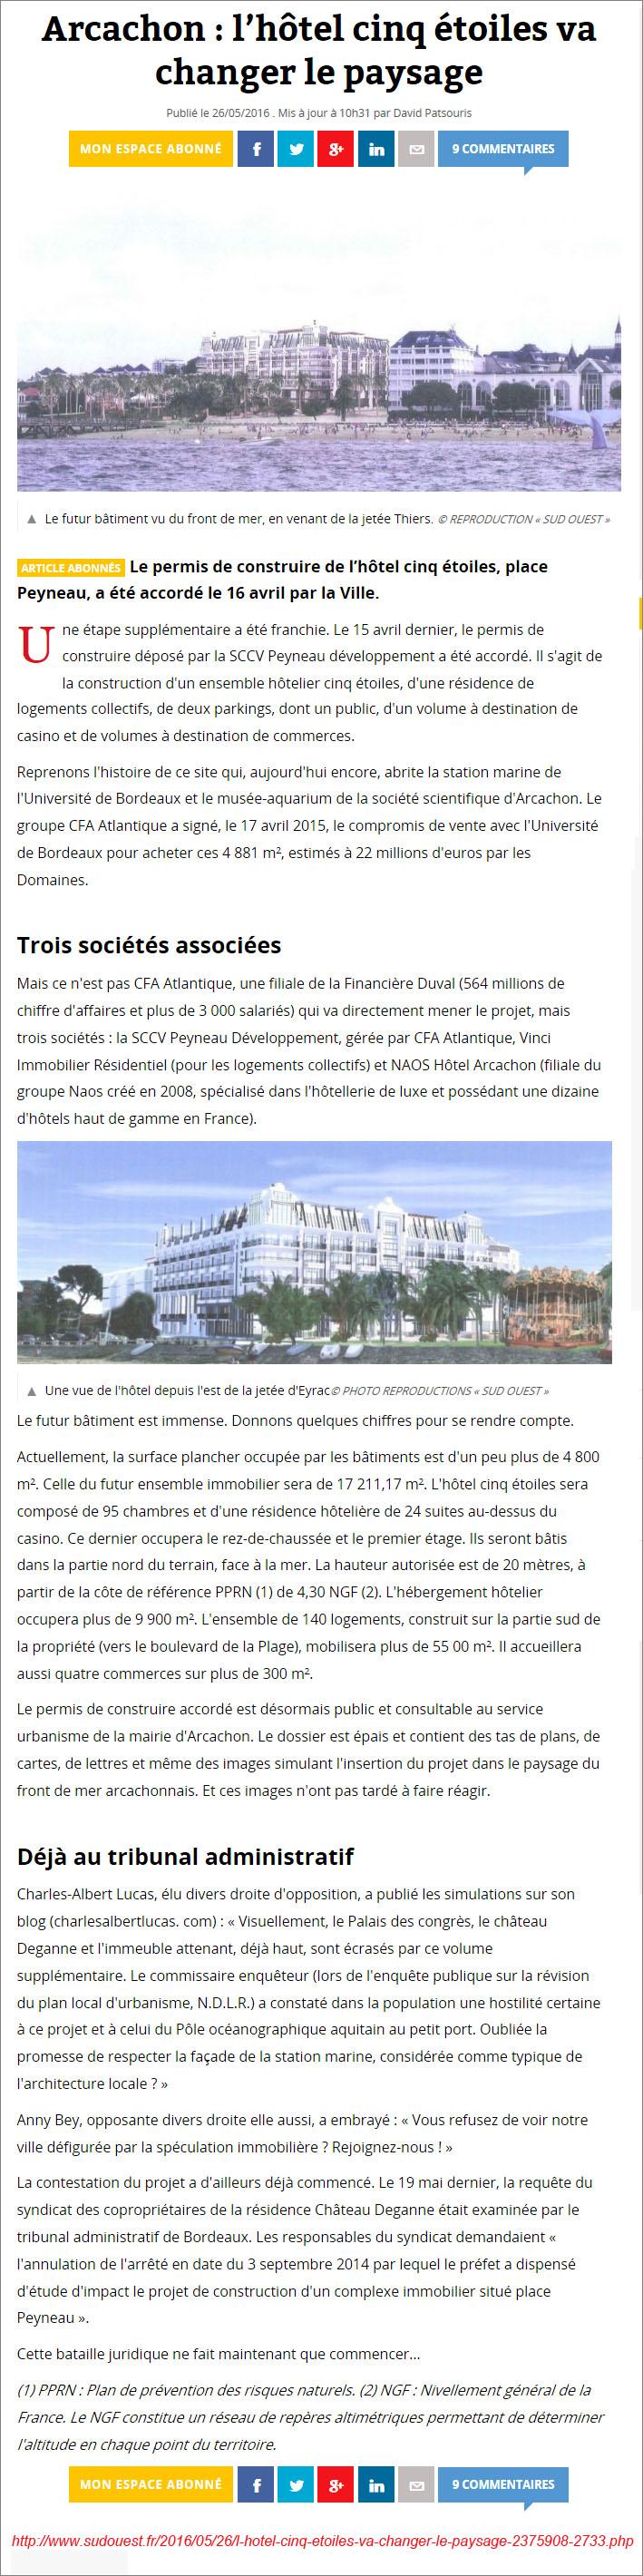 L'hôtel 5 étoiles va changer le paysage - Sud-Ouest du 26 Mai 2016